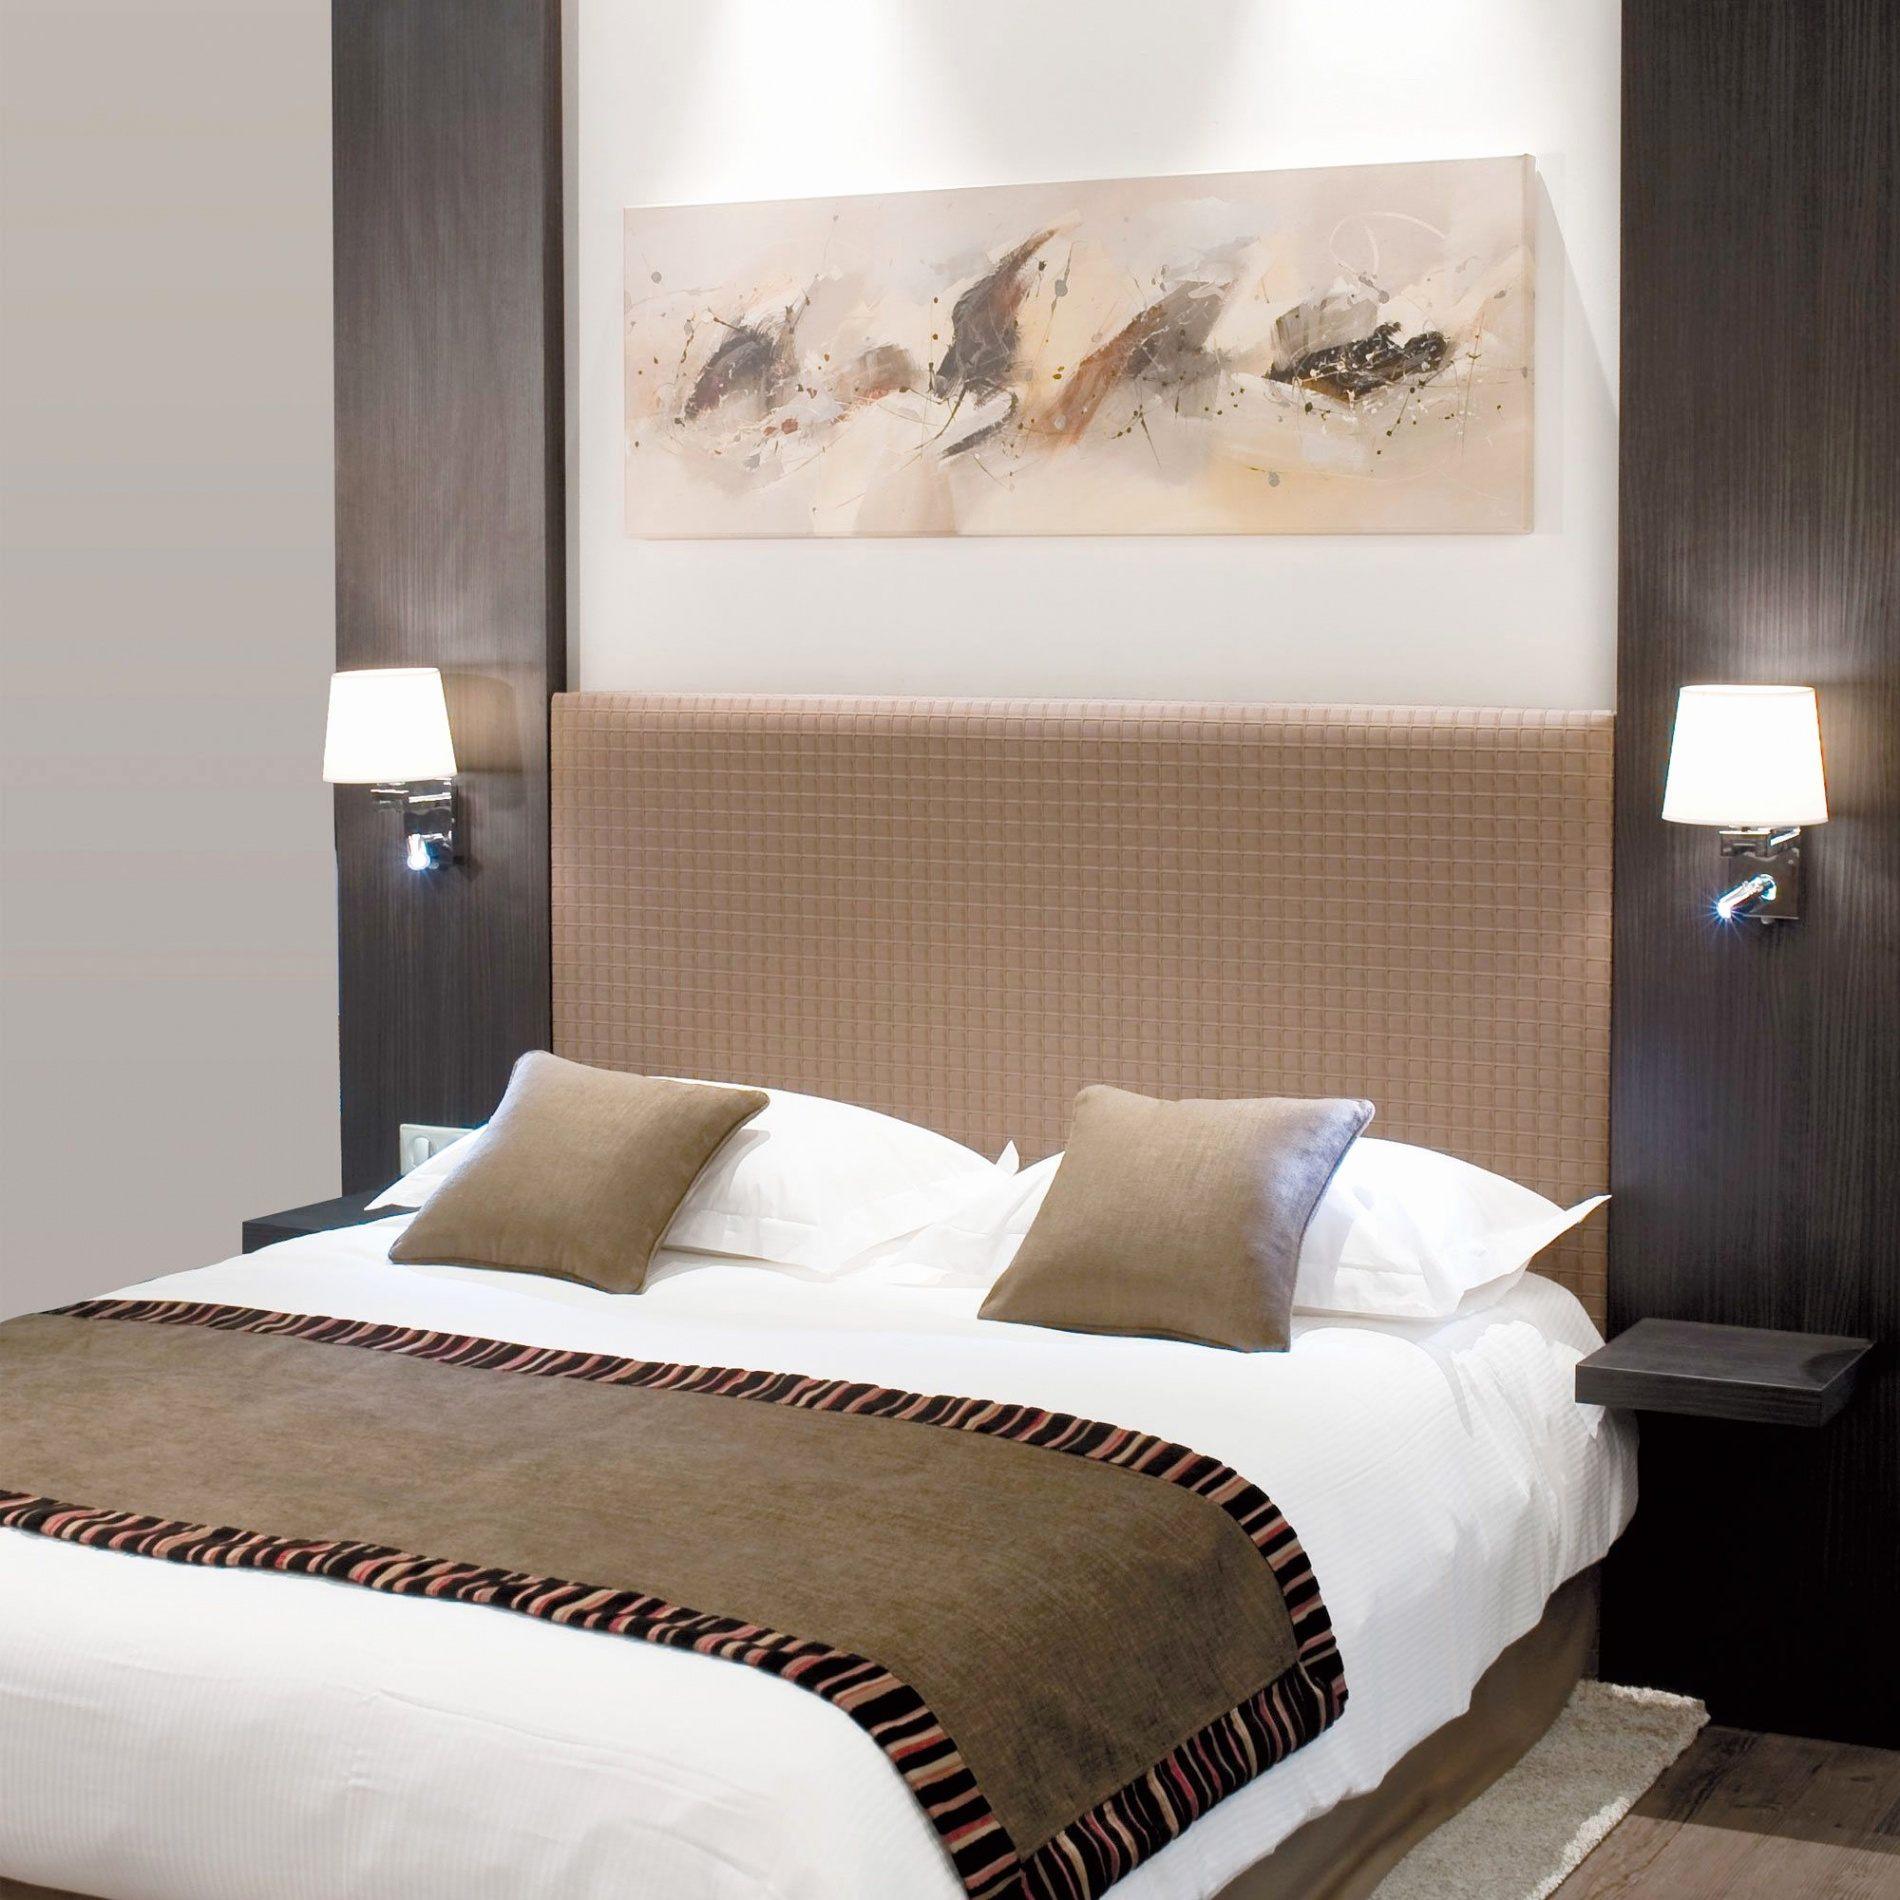 Tete De Lit Taupe Nouveau Tete De Lit Diy Tete De Lit Bois Design Luxe Chambre Decoration